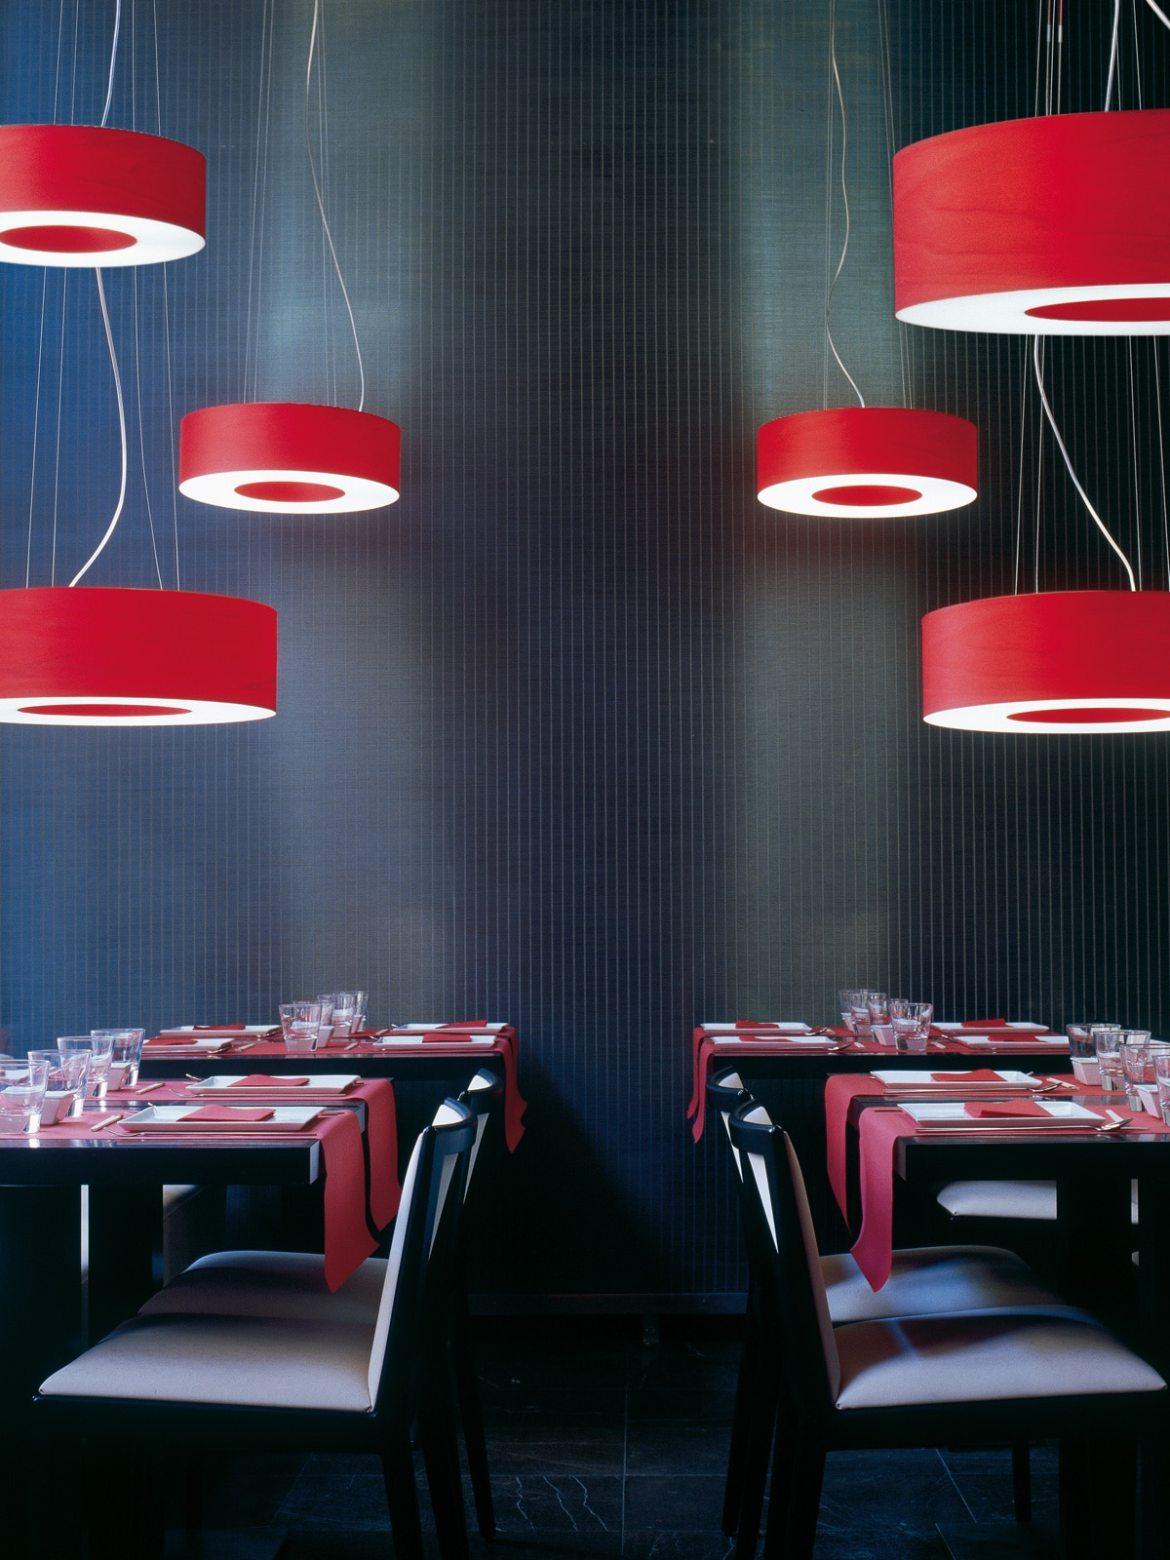 DesignOrt Blog: LZF Designerleuchten für die Gastronomiebeleuchtung